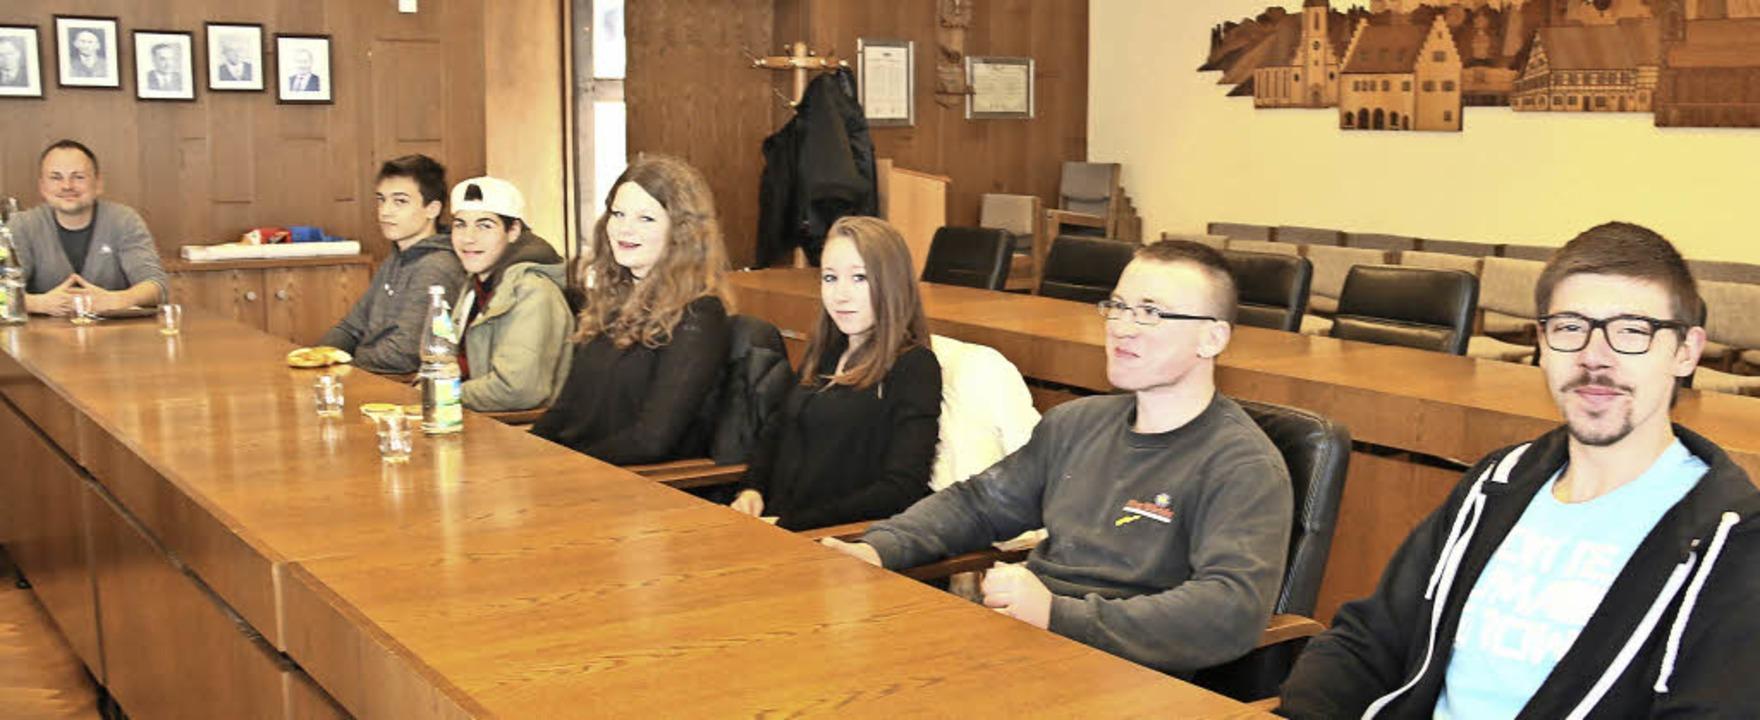 Für die  Jugendbeteiligung im Rathaus ...die Teilnehmer schon mal am Ratstisch.  | Foto: Dagmar Barber